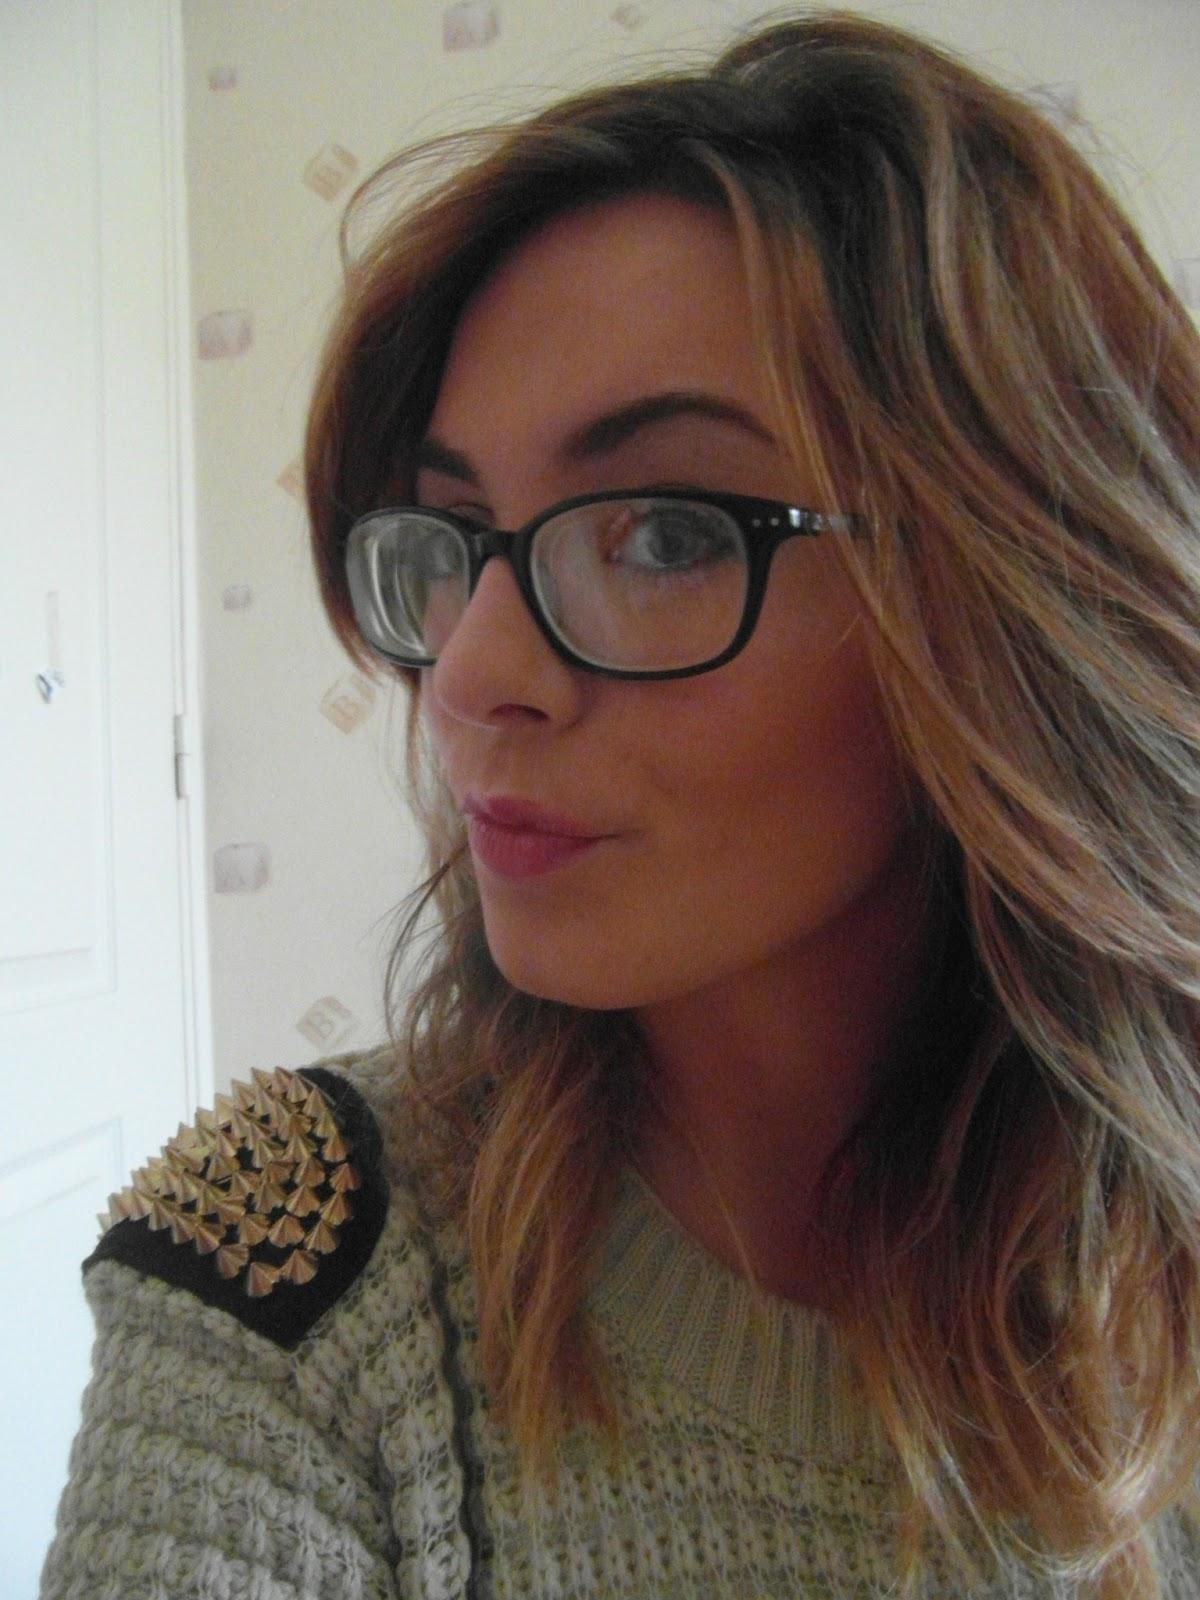 lunettes qui font mal au nez